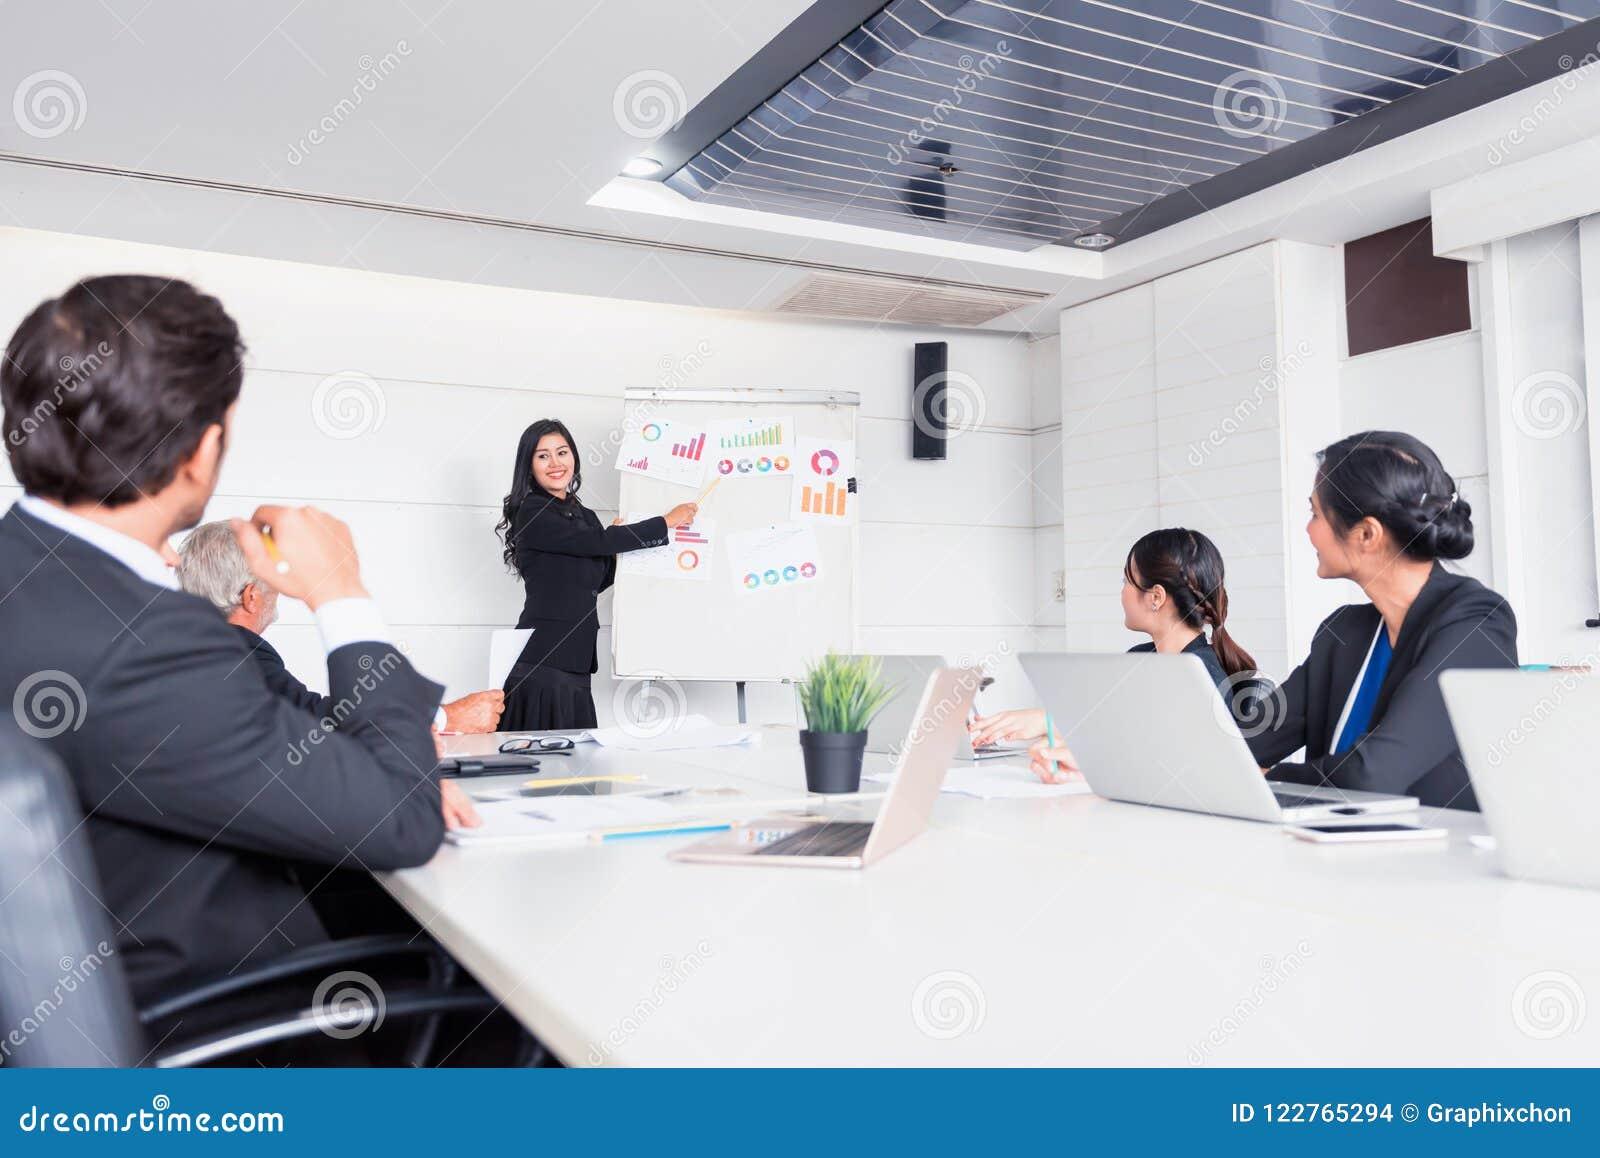 Osobisty rozwój, trenowanie i kurs treningowy dla Biznesowej pracy zespołowej,